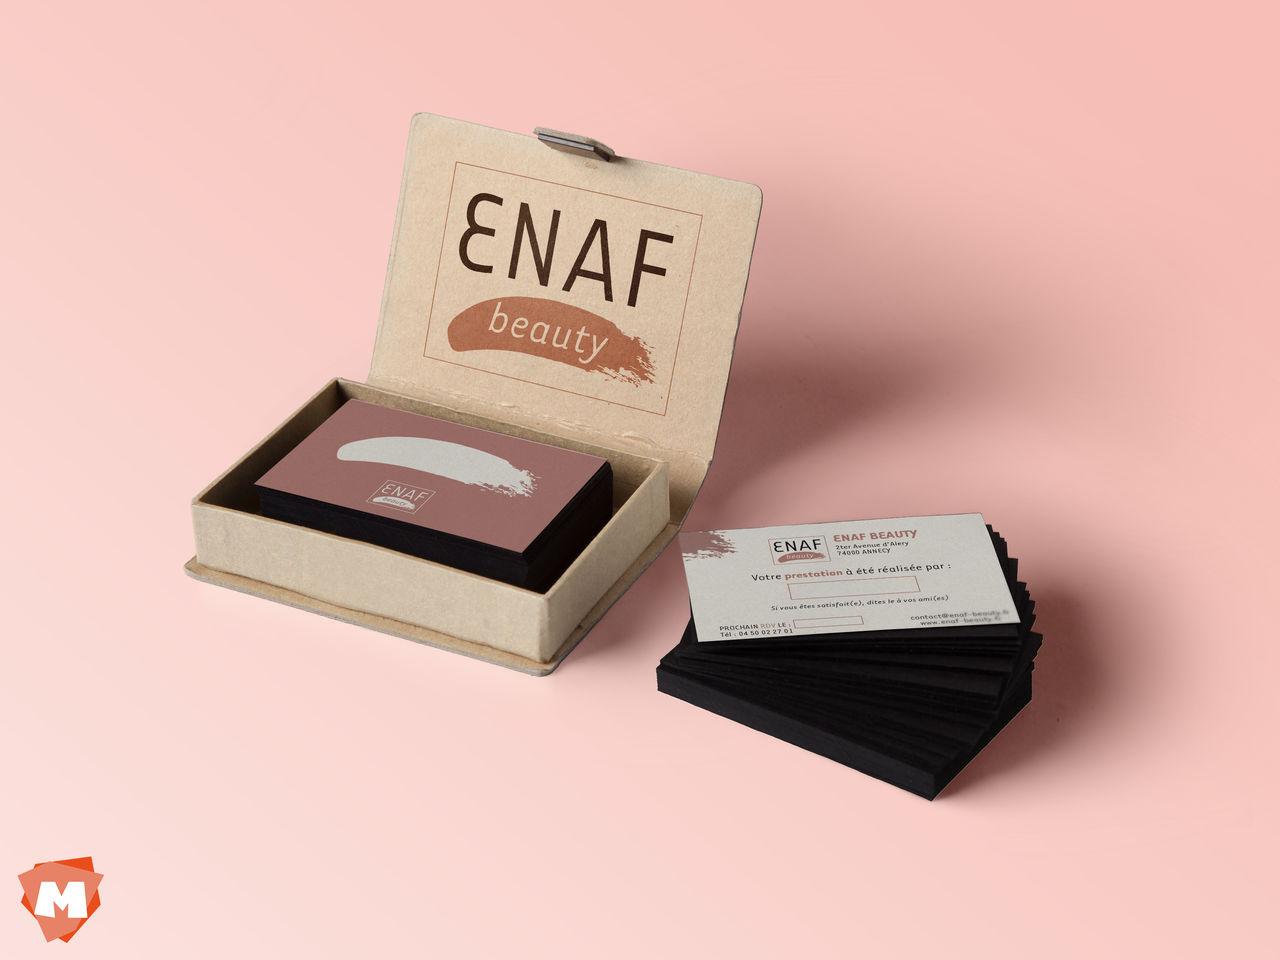 Cartes de visite ENAF Beauty